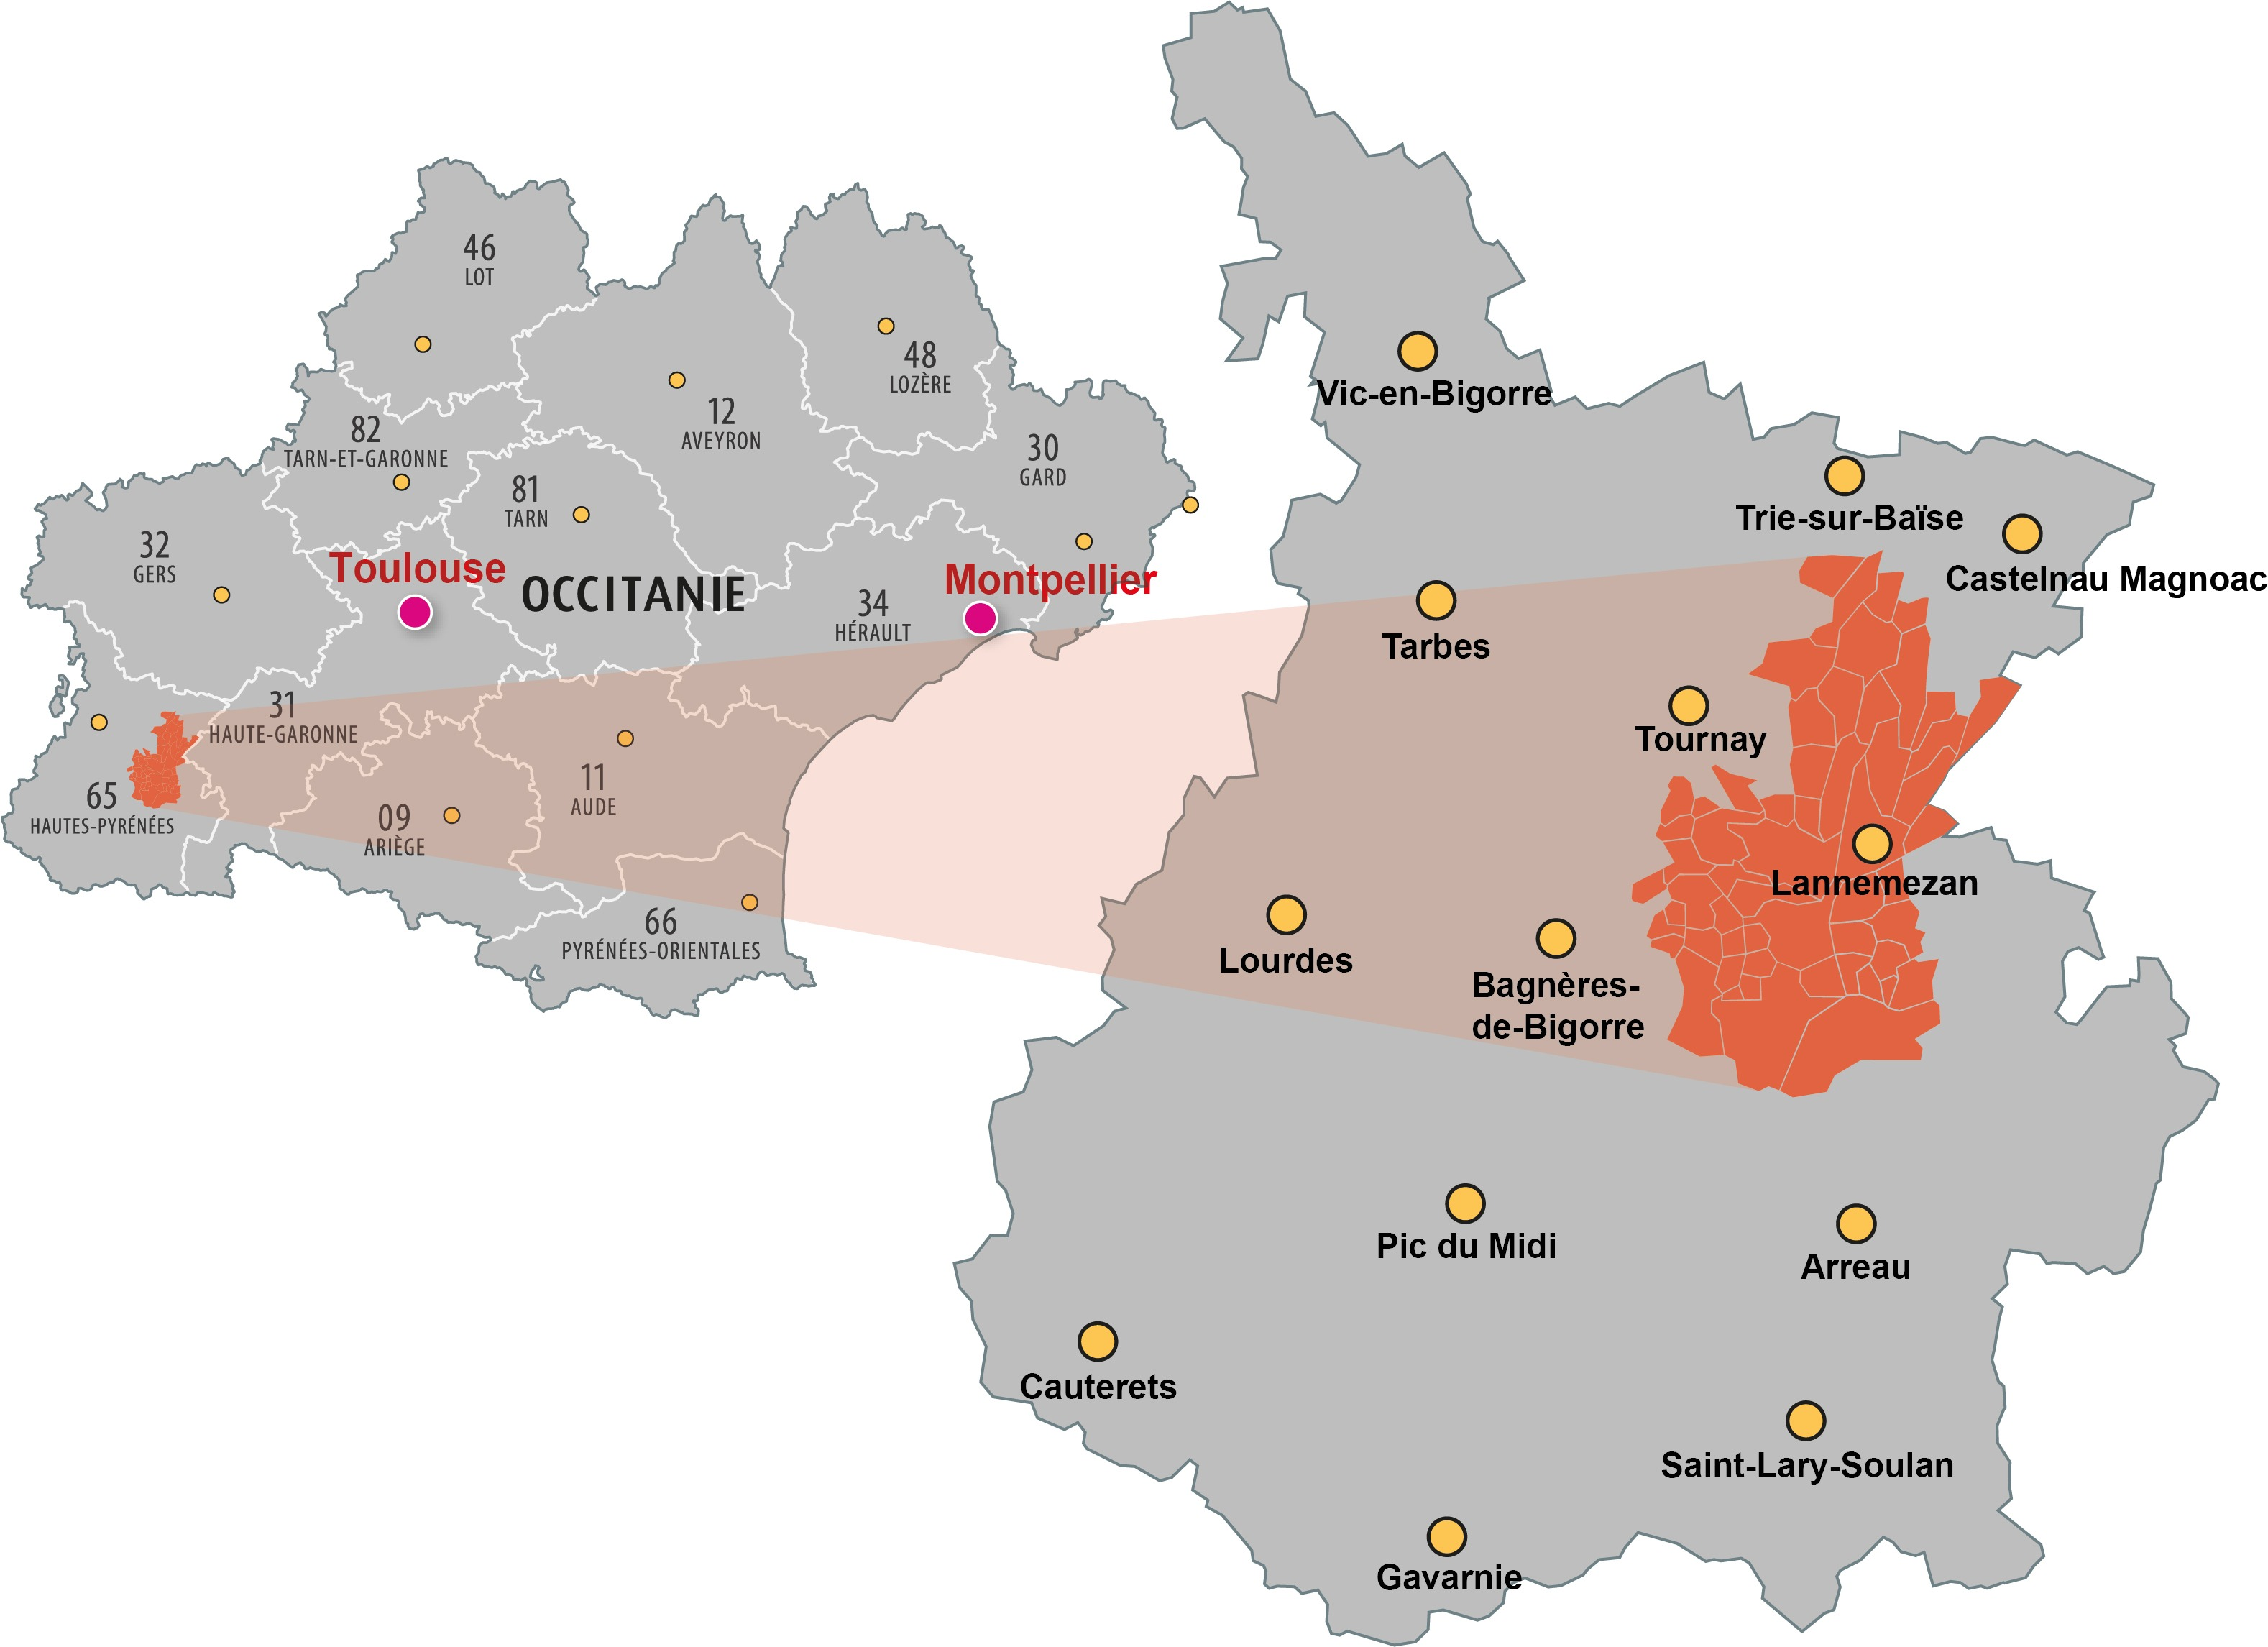 carte-ccpl-occitanieorange.jpg